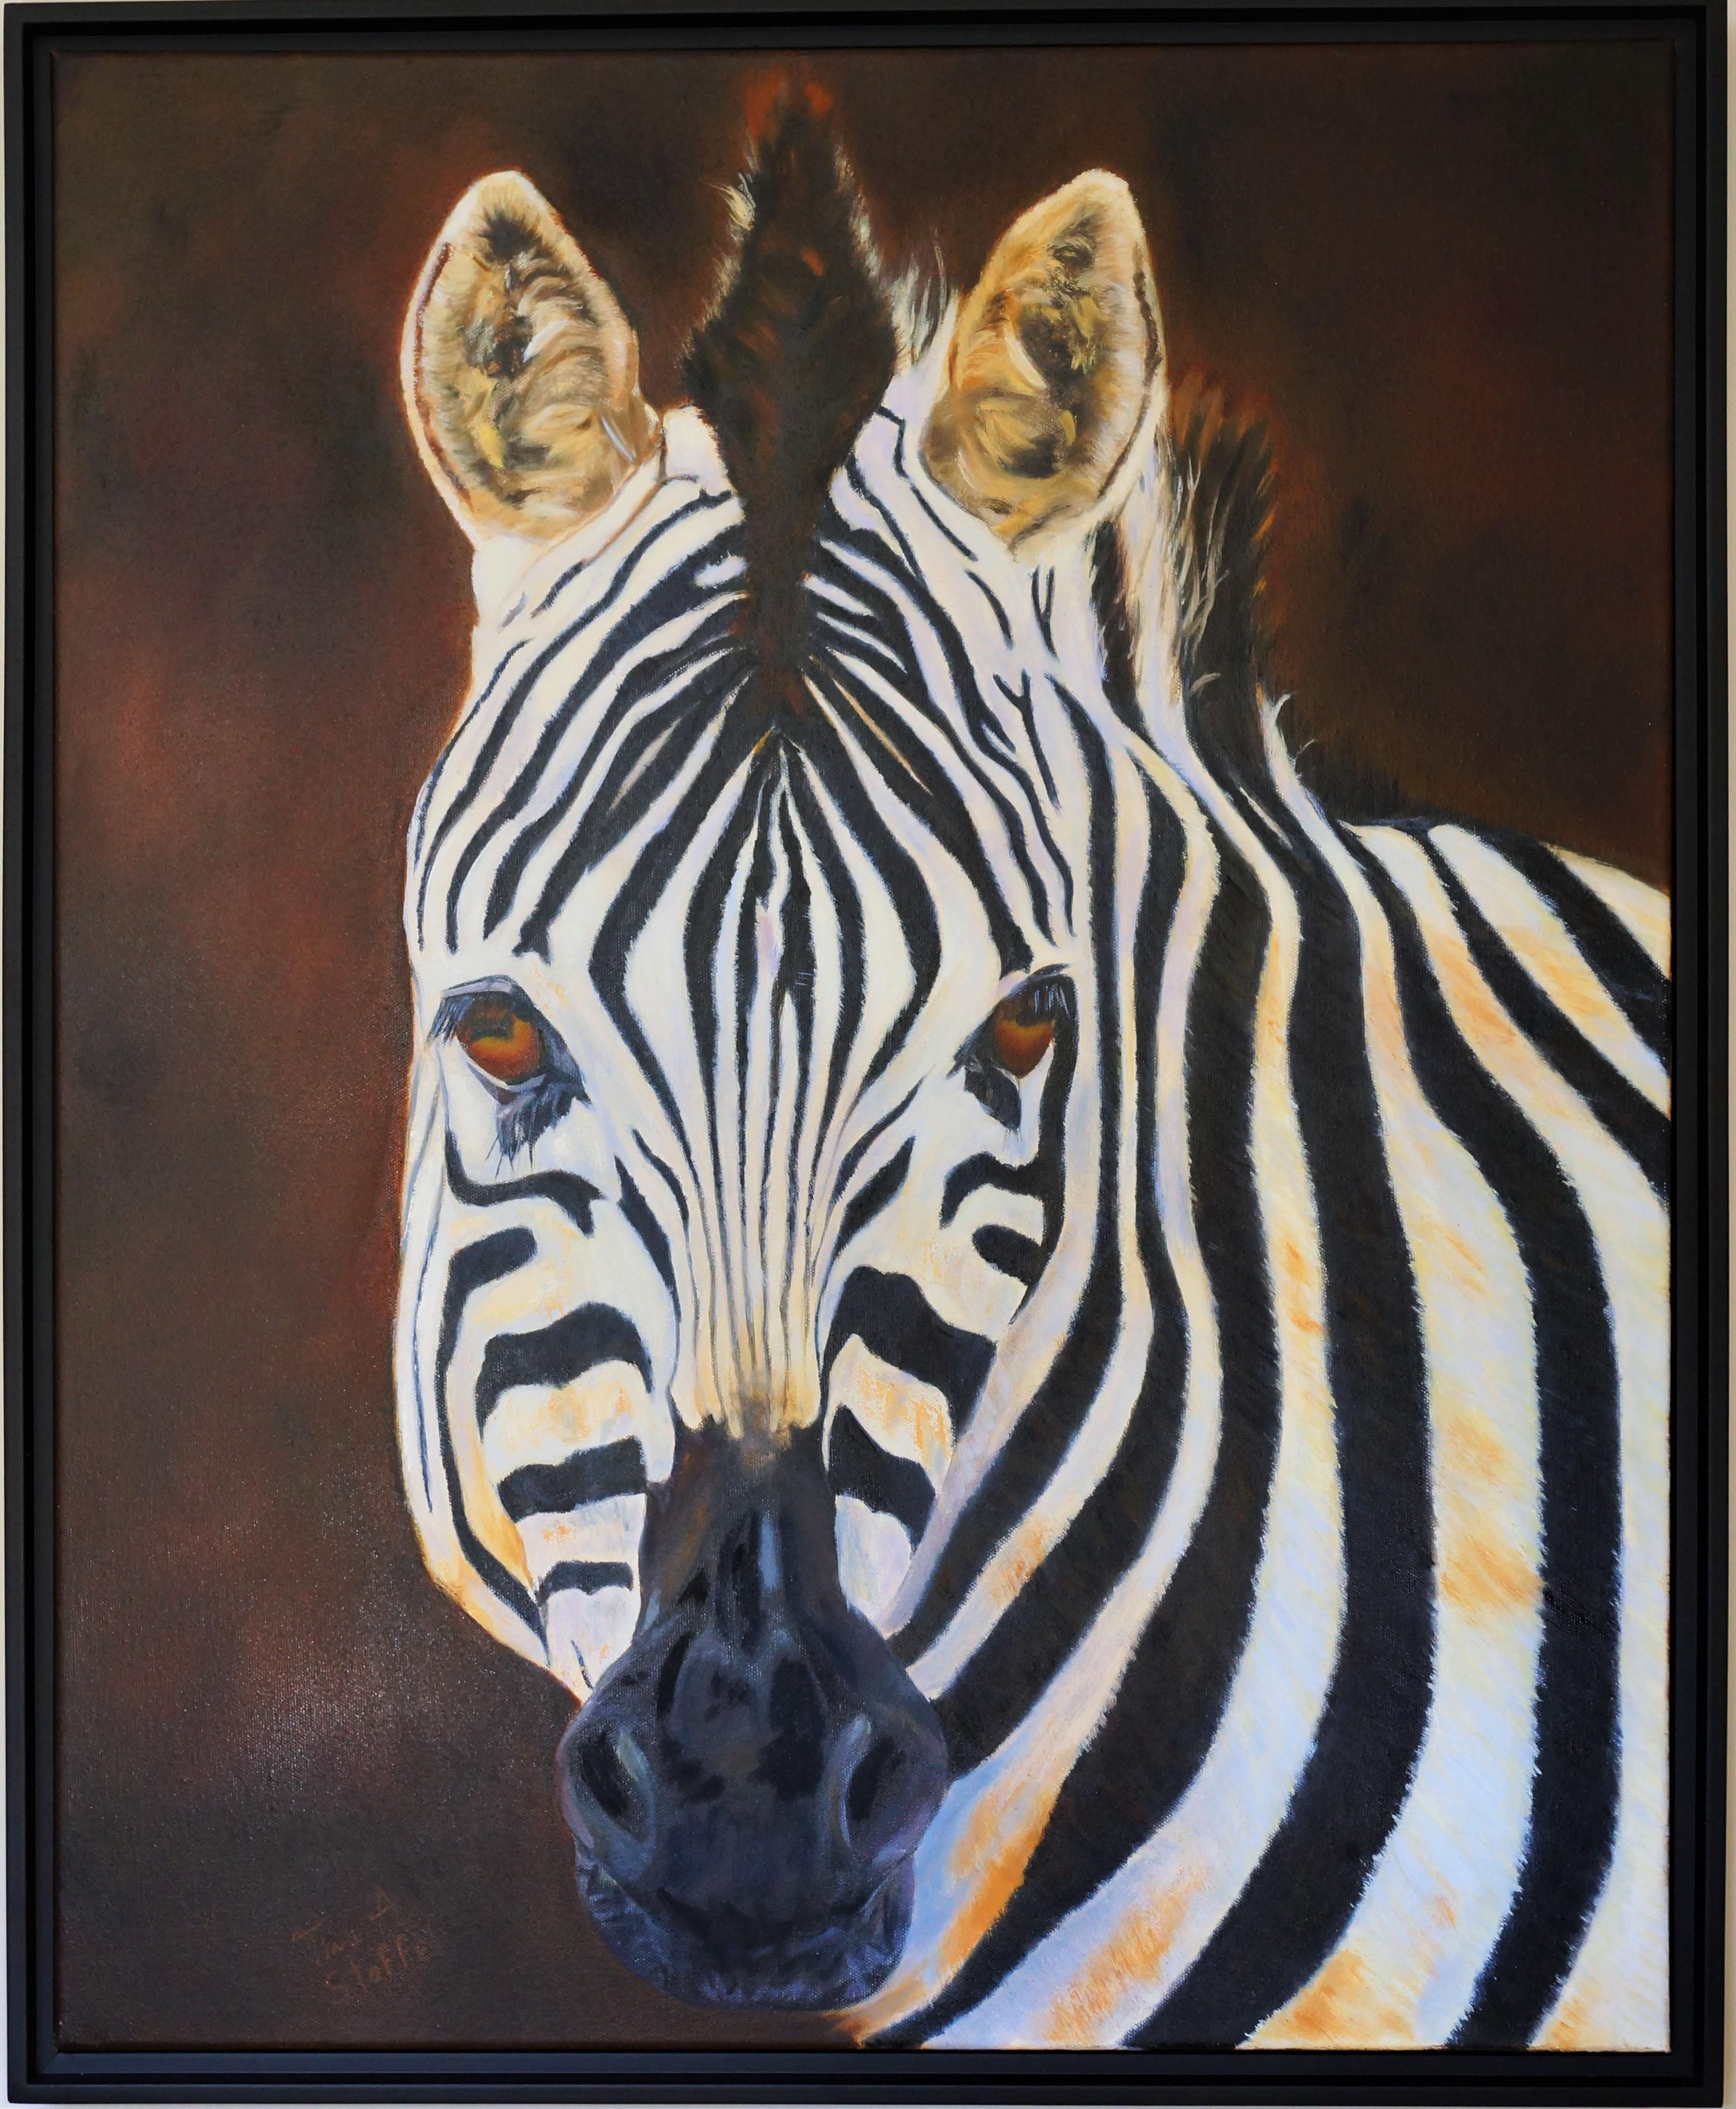 Quagga Zebra Oil Painting | TinasFineArts.com